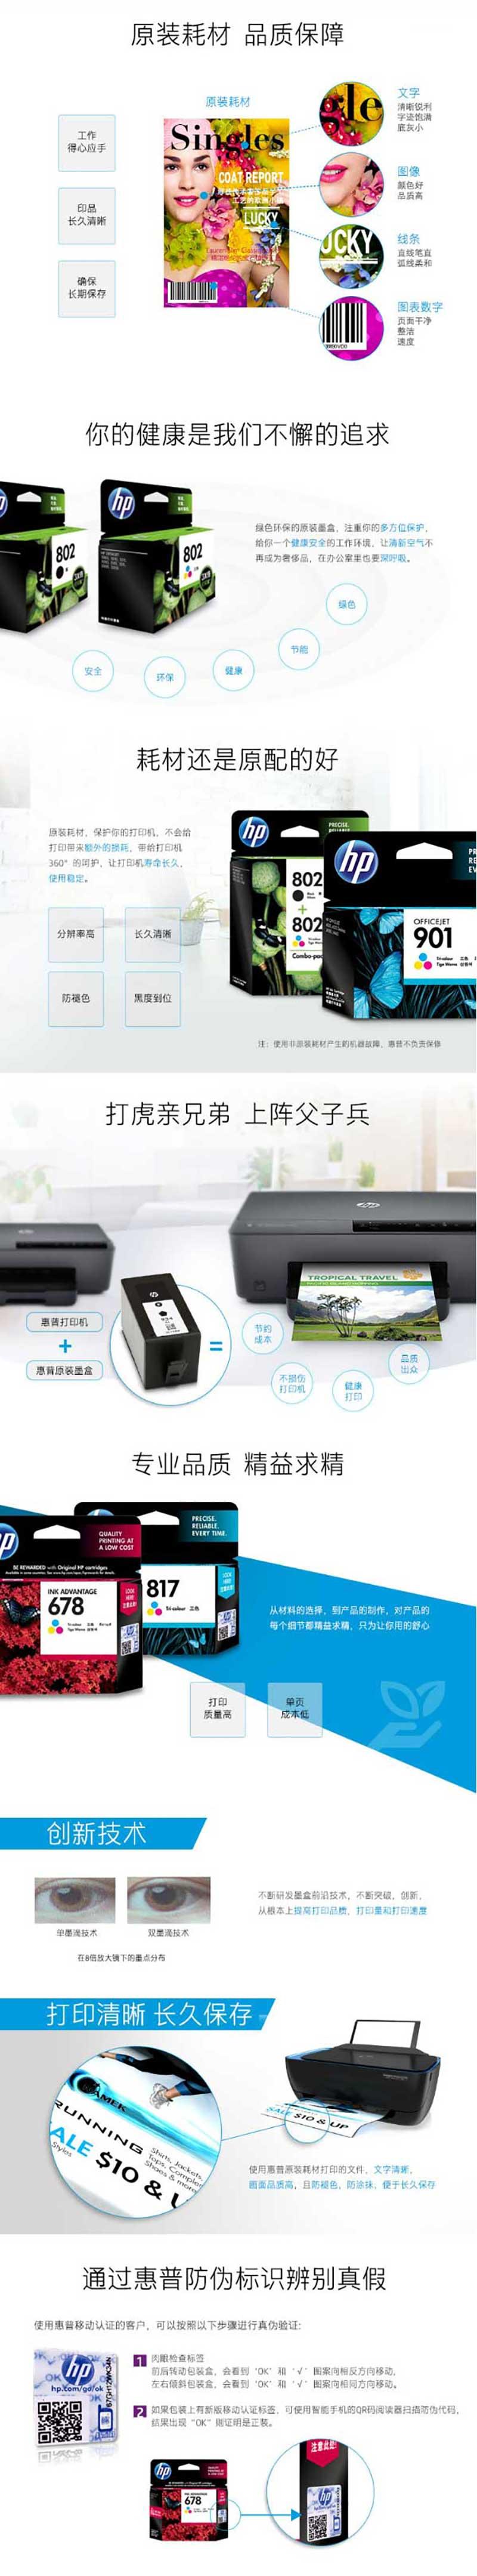 惠普 CH561ZZ 802 黑色墨盒 低容装(适用Deskjet1050 2050 1000 2000 1010 1510)